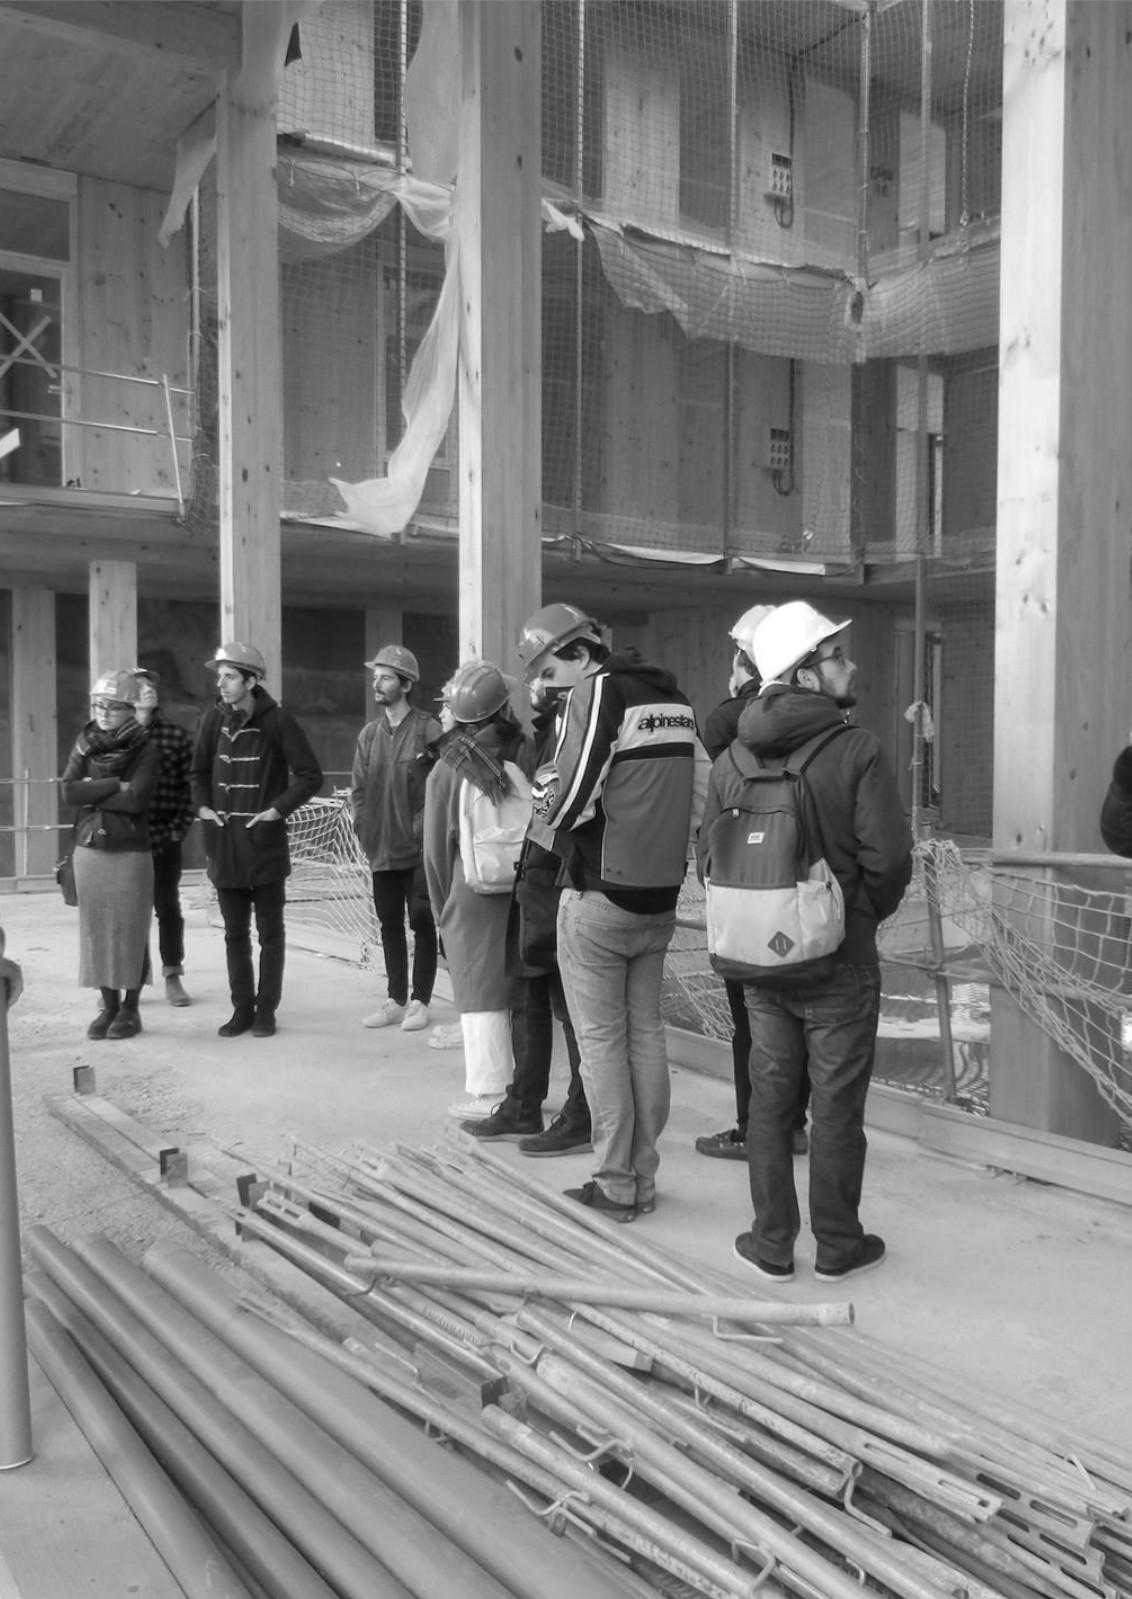 Teoria y proyectos de edificacion y urbanismo.jpg